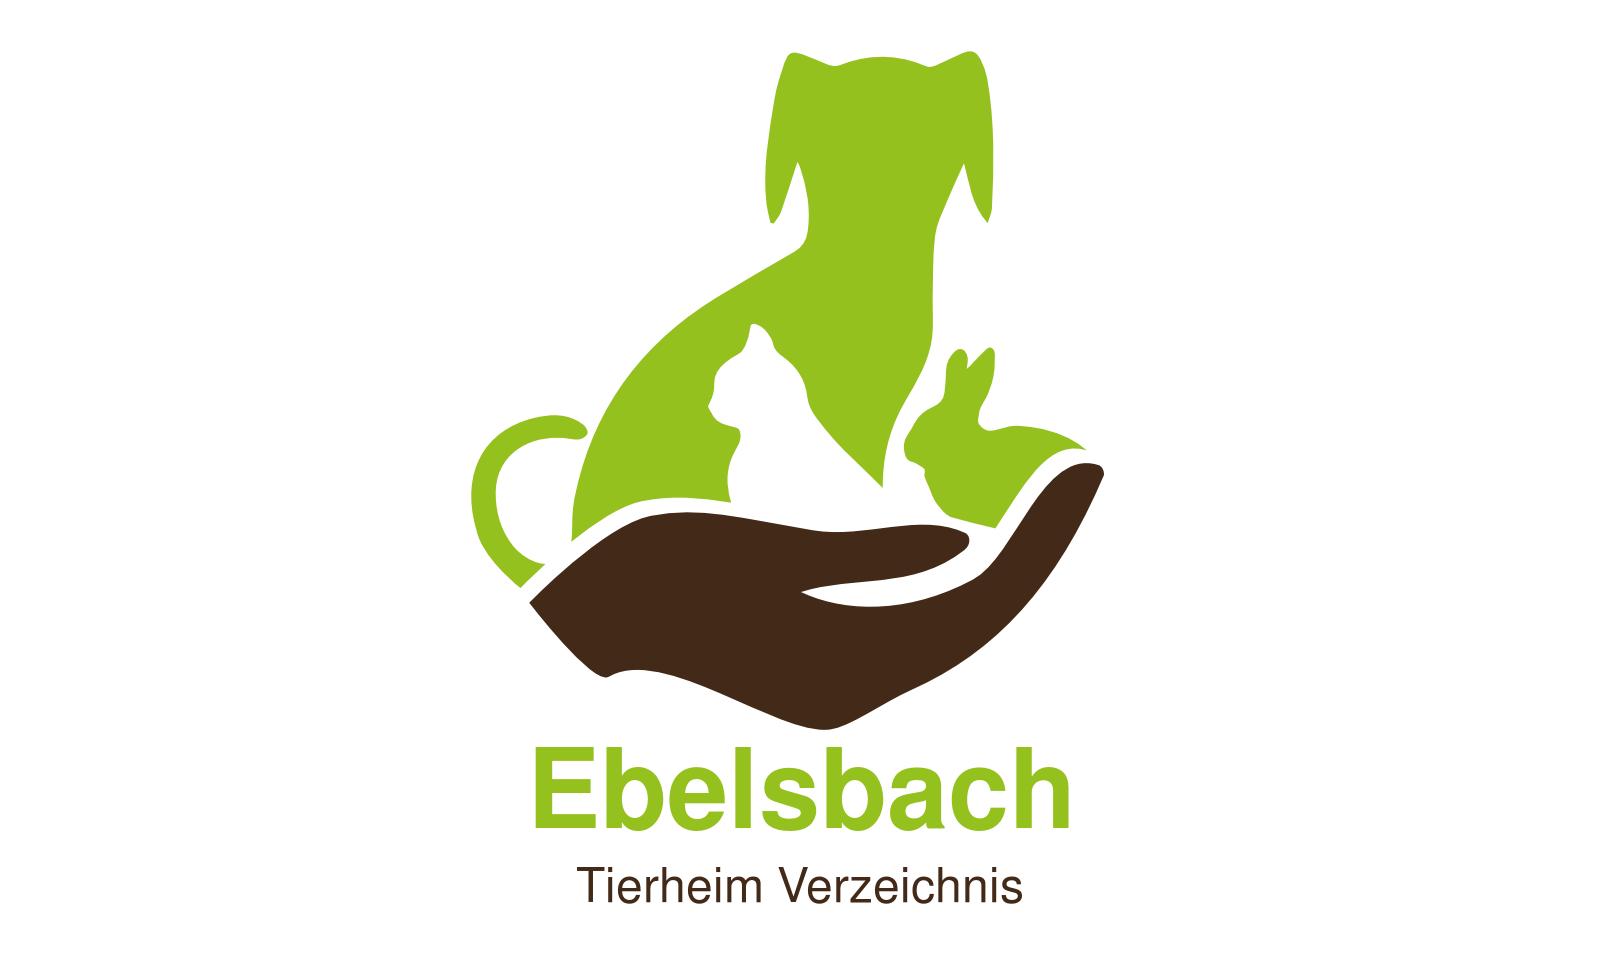 Tierheim Ebelsbach